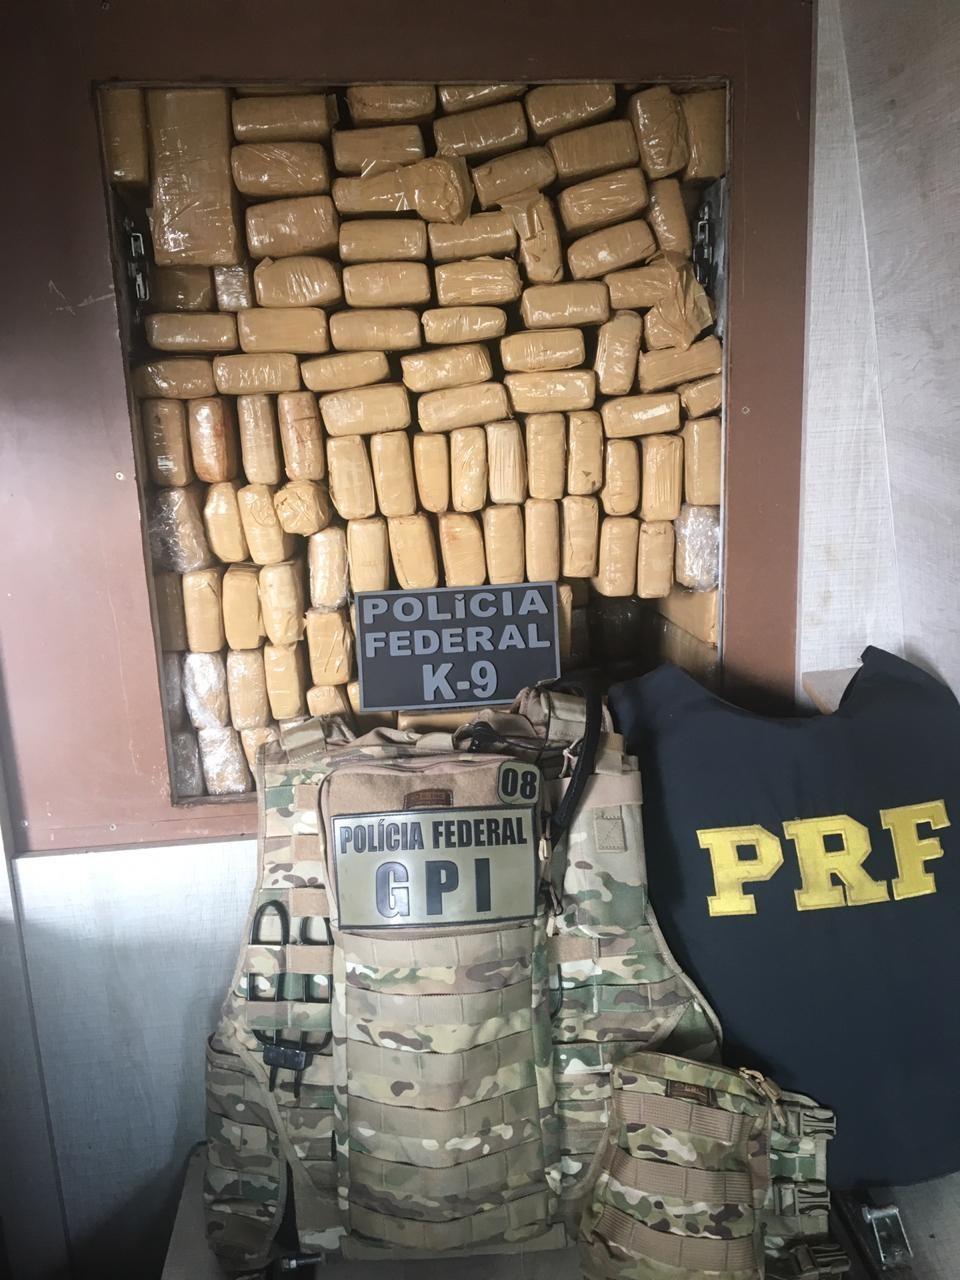 Mais de 1,5 tonelada de maconha é apreendida na BR-163, em Guaíra - Notícias - Plantão Diário